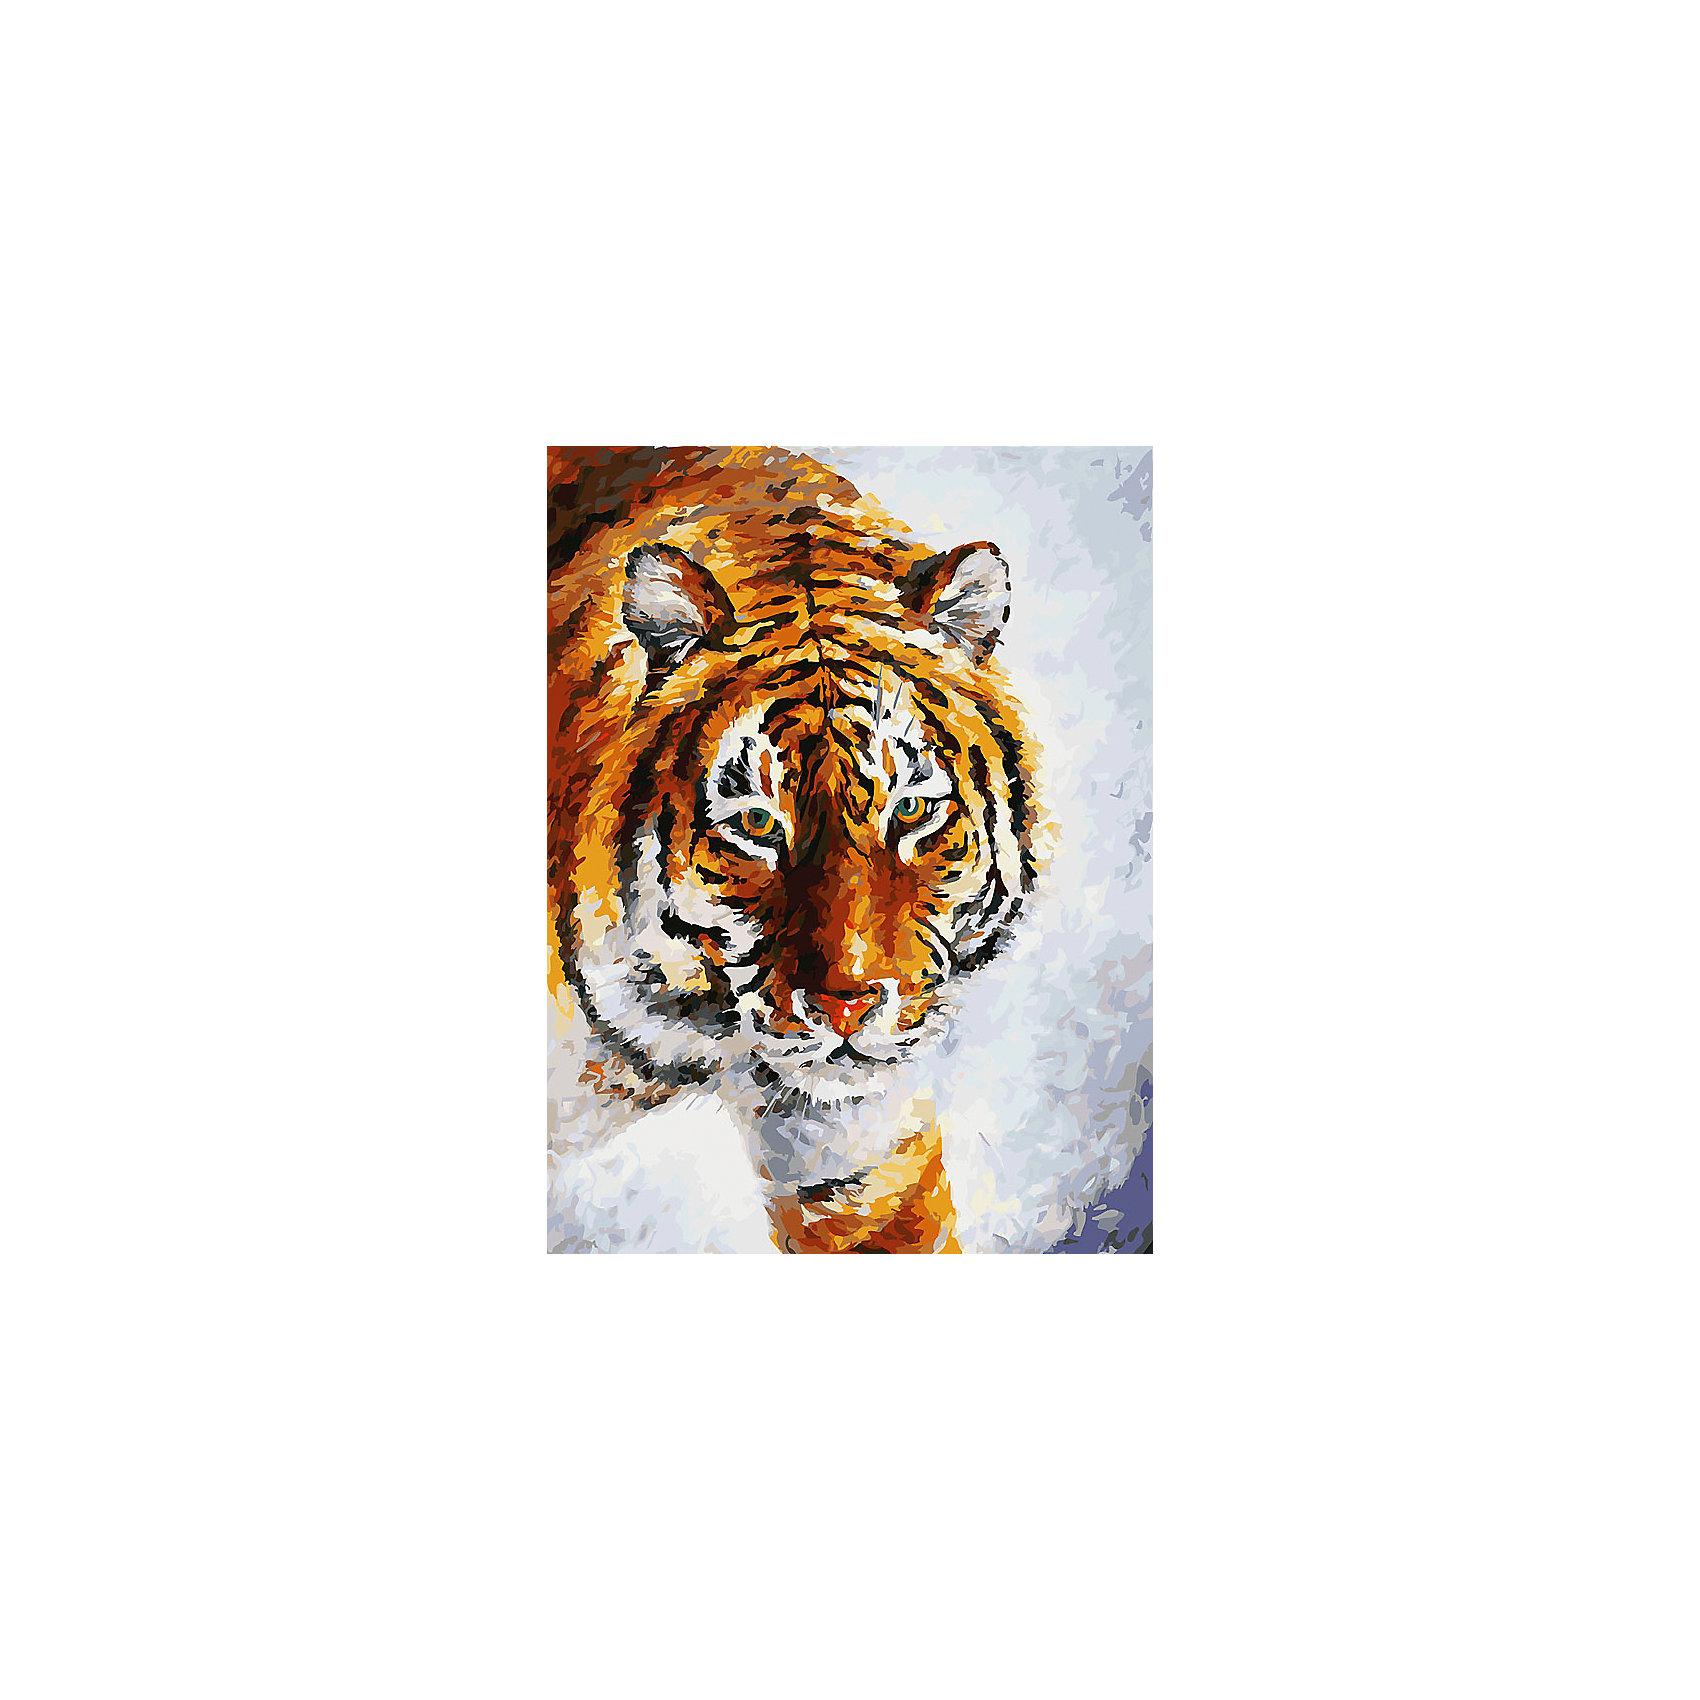 Живопись на холсте 30*40 см Тигр на снегуРисование<br>Характеристики товара:<br><br>• цвет: разноцветный<br>• материал: акрил, картон<br>• размер: 30 x 40 см<br>• комплектация: полотно на подрамнике с контурами рисунка, пробный лист с рисунком, набор акриловых красок, три кисти, крепление на стену для картины<br>• для детей от шести лет и взрослых<br>• не требует специальных навыков<br>• страна бренда: Китай<br>• страна изготовитель: Китай<br><br>Рисование - это занятие, которое любят многие дети и взрослые. Оно помогает развить важные навыки и просто приносит удовольствие! Чтобы вселить в ребенка уверенность в своих силах, можно предложить ему этот набор - в нем уже есть сюжет, контуры рисунка и участки с номерами, которые обозначают определенную краску из набора. Все оттенки уже готовы, задача художника - аккуратно, с помощью кисточек из набора, нанести краски на определенный участок полотна.<br>Взрослым также понравится этот процесс, рисовать можно и вместе с малышом! В итоге получается красивая картина, которой можно украсить интерьер. Рисование способствует развитию мелкой моторики, воображения, цветовосприятия, творческих способностей и усидчивости. Набор отлично проработан, сделан из качественных и проверенных материалов, которые безопасны для детей. Краски - акриловые, они быстро сохнут и легко смываются с кожи.<br><br>Живопись на холсте 30*40 см Тигр на снегу от торговой марки Белоснежка можно купить в нашем интернет-магазине.<br><br>Ширина мм: 410<br>Глубина мм: 310<br>Высота мм: 25<br>Вес г: 567<br>Возраст от месяцев: 72<br>Возраст до месяцев: 144<br>Пол: Унисекс<br>Возраст: Детский<br>SKU: 5089711